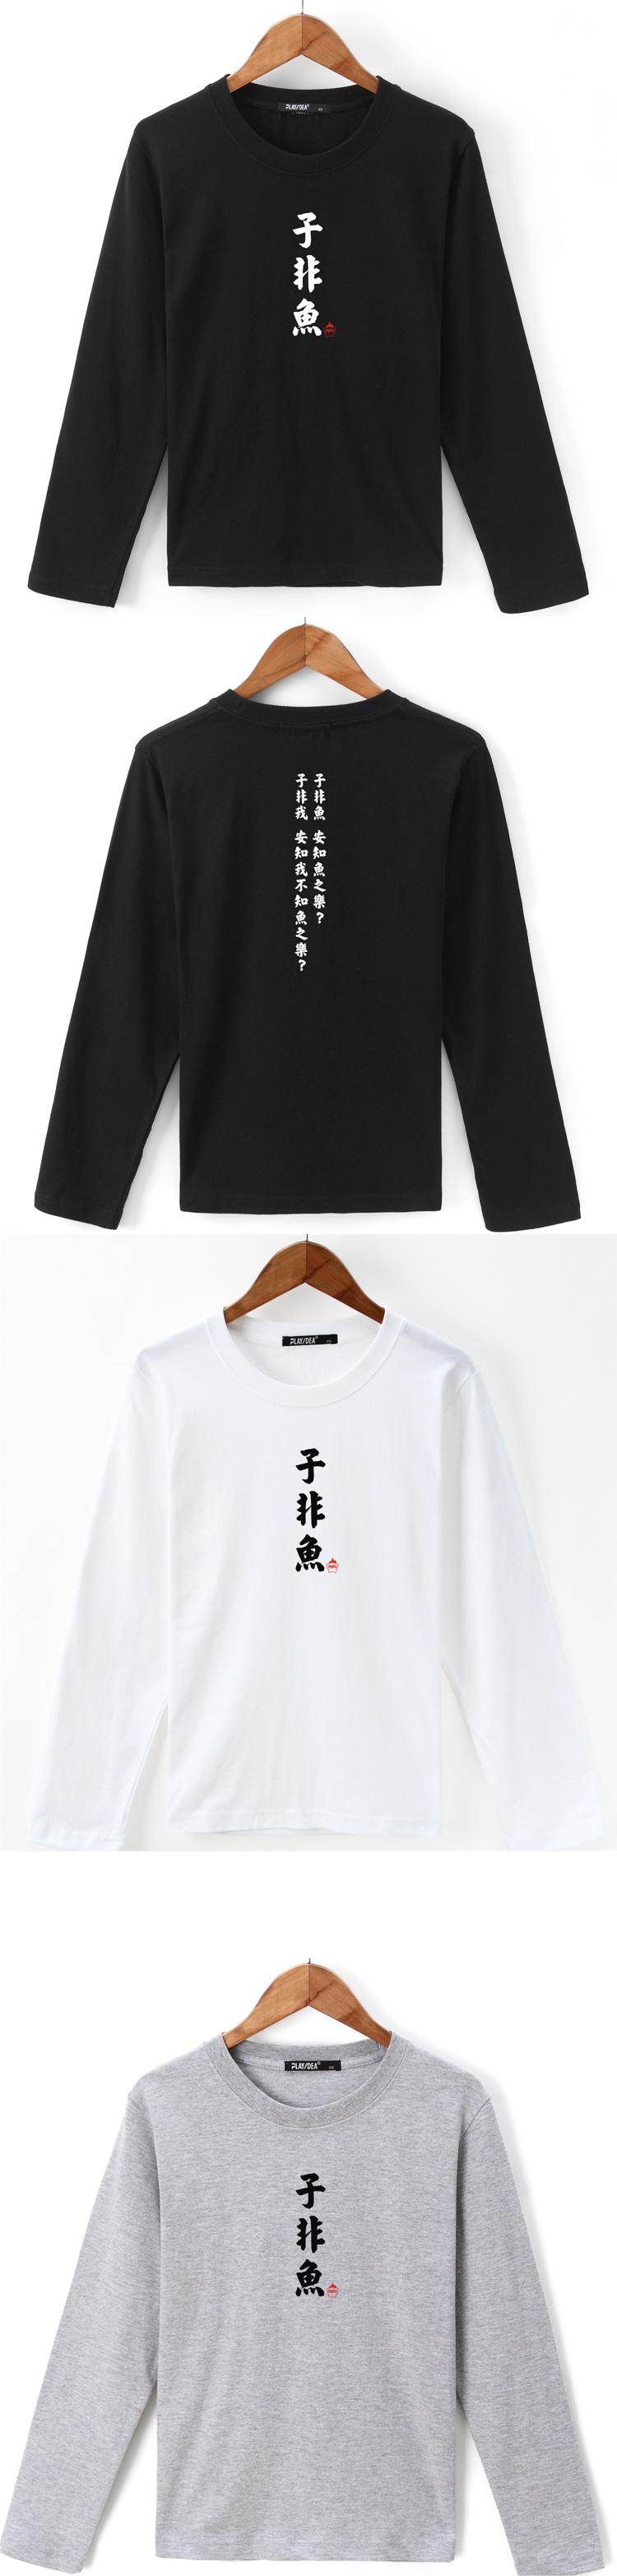 ◆快速出貨◆長袖T恤.情侶裝.班服.MIT台灣製.獨家配對情侶裝.客製化.純棉長T.中國風 毛筆字 【YL0483】可單買.艾咪E舖